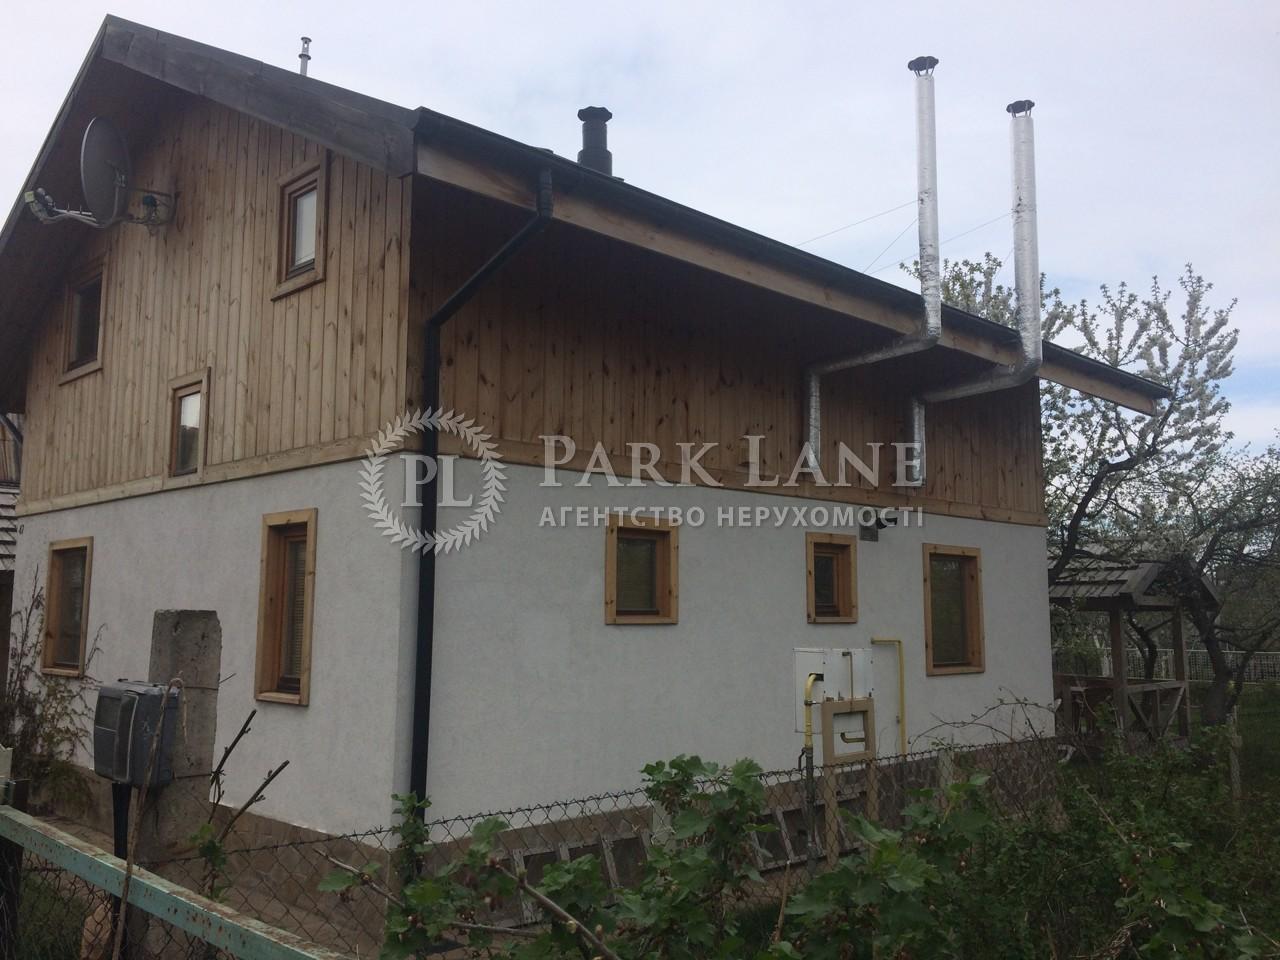 Дом ул. Приморская, Лютеж, J-25708 - Фото 1